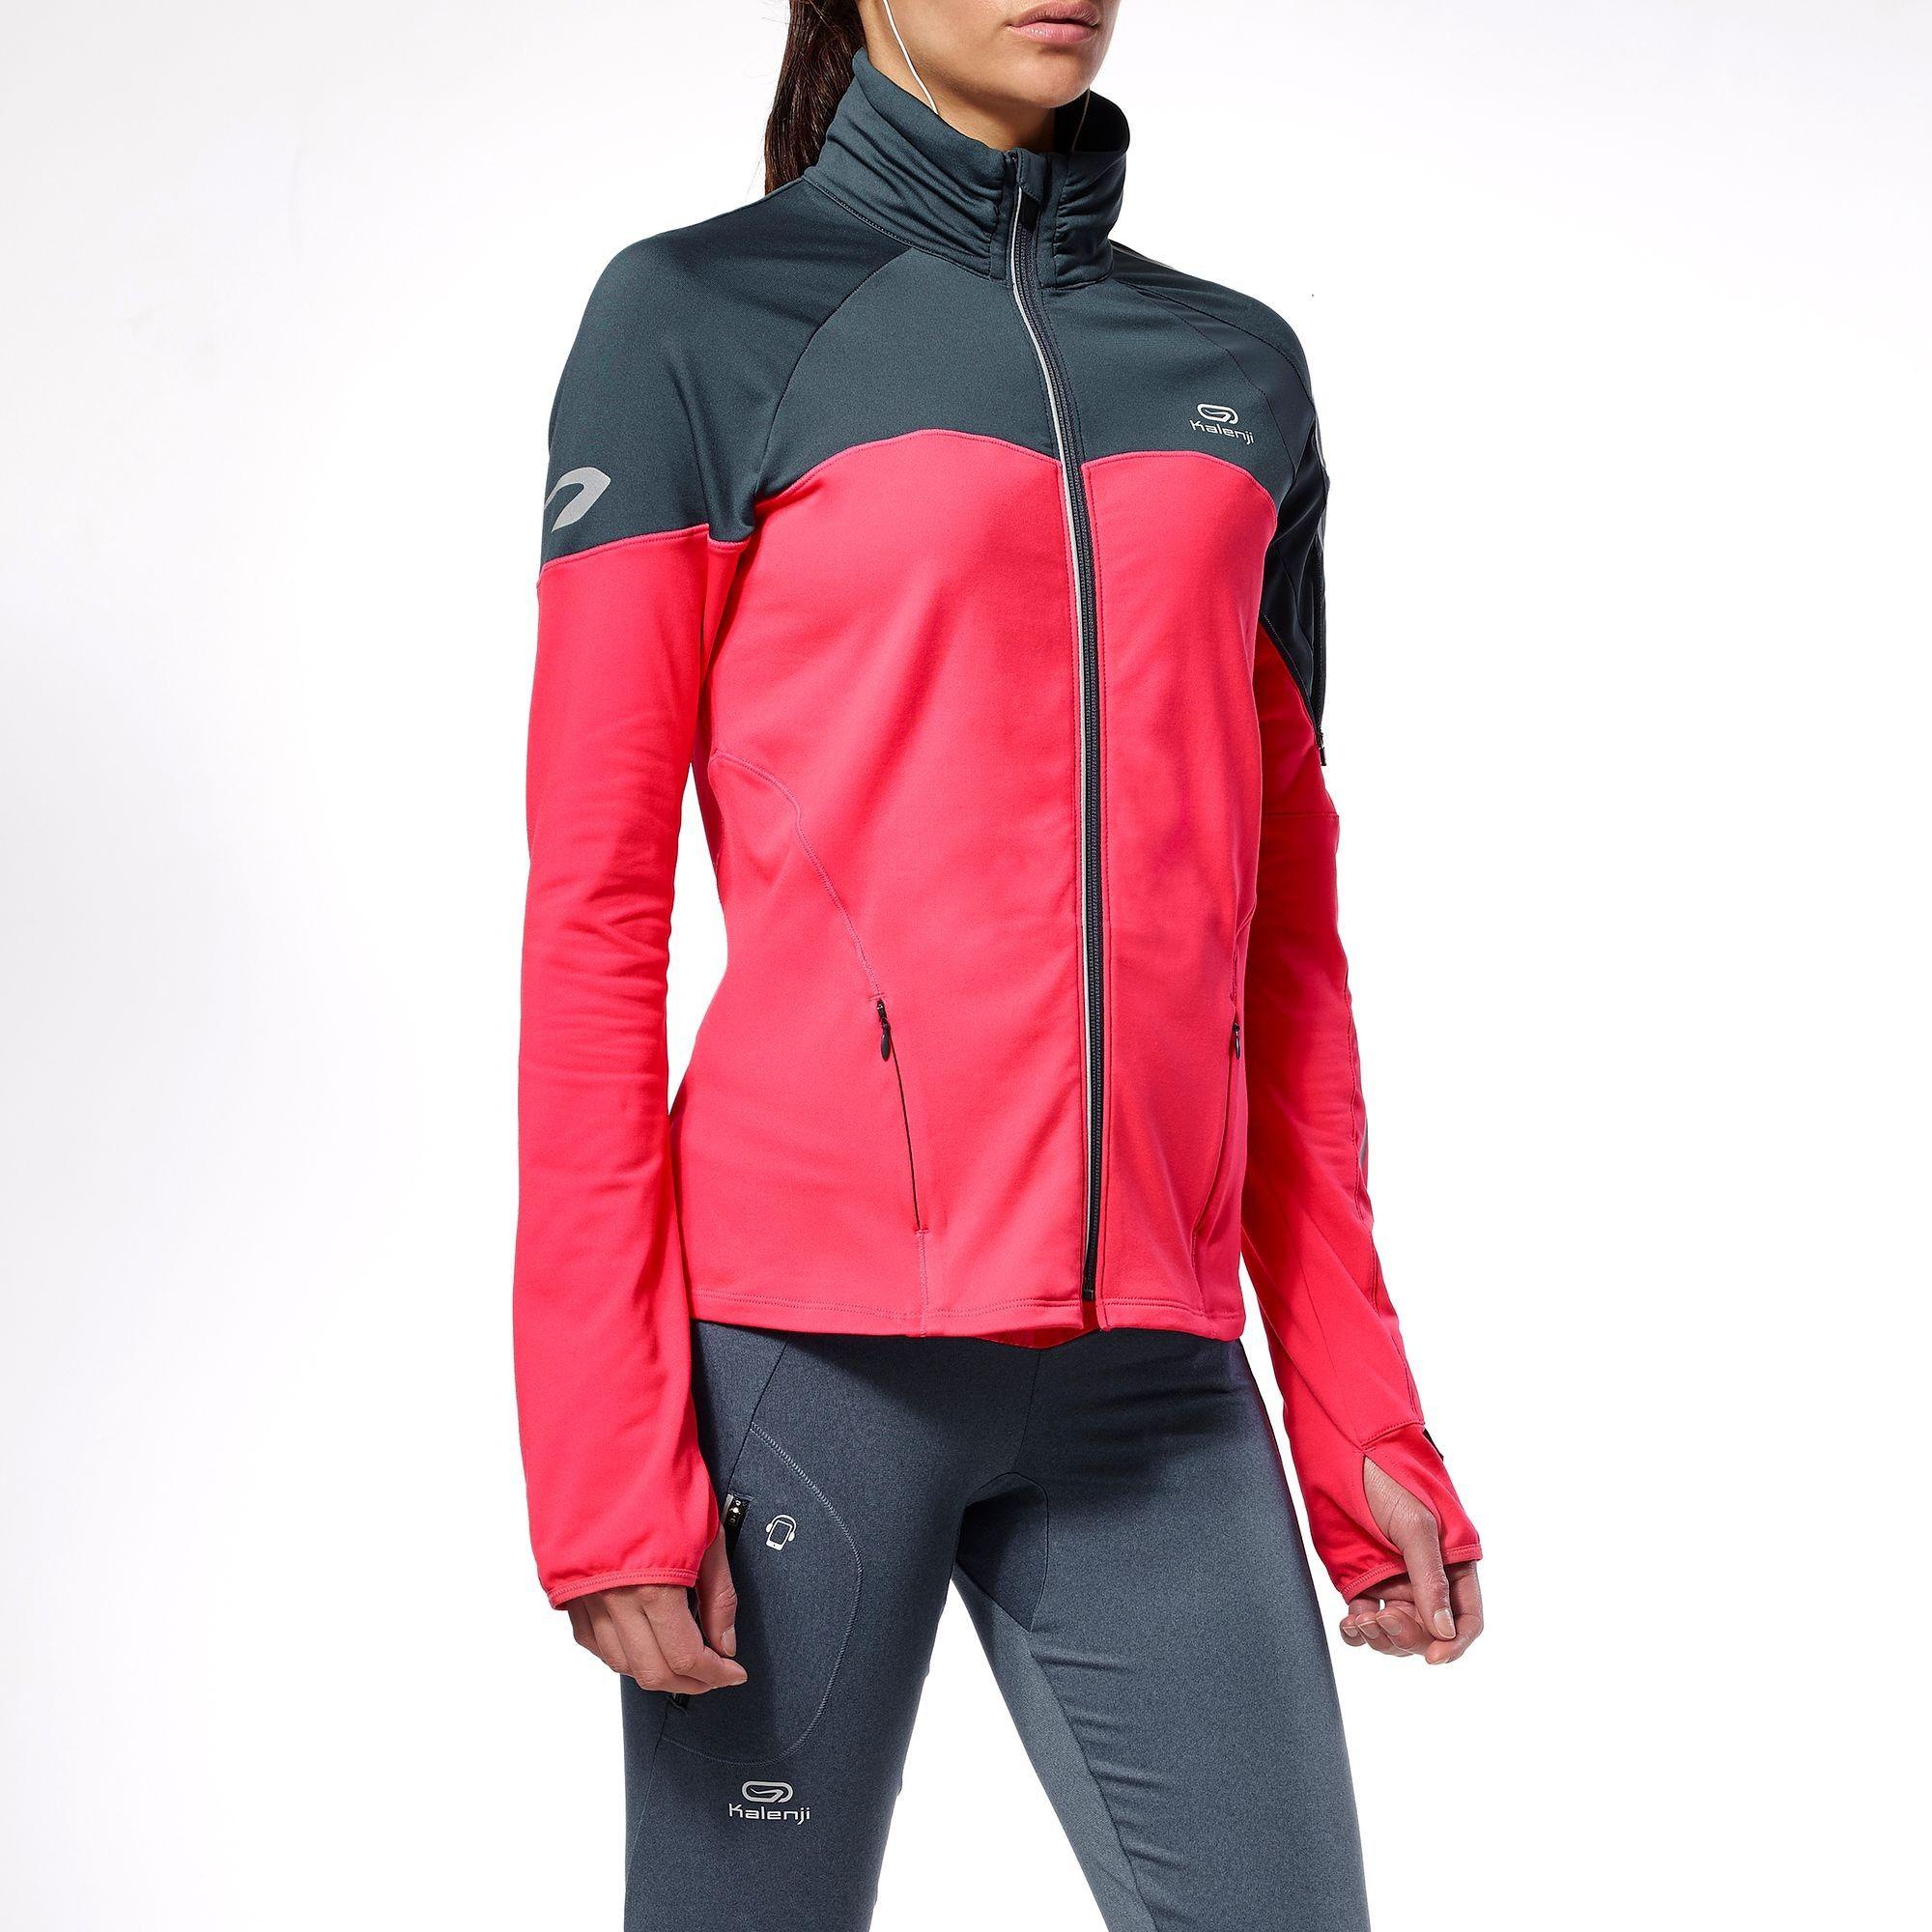 Economisez 3% sur votre équipement de running hiver Decathlon avec  PlaceDesCartes.fr - Carte cadeau Decathlon bit.ly 1W6yJWW d0b16c4f73d